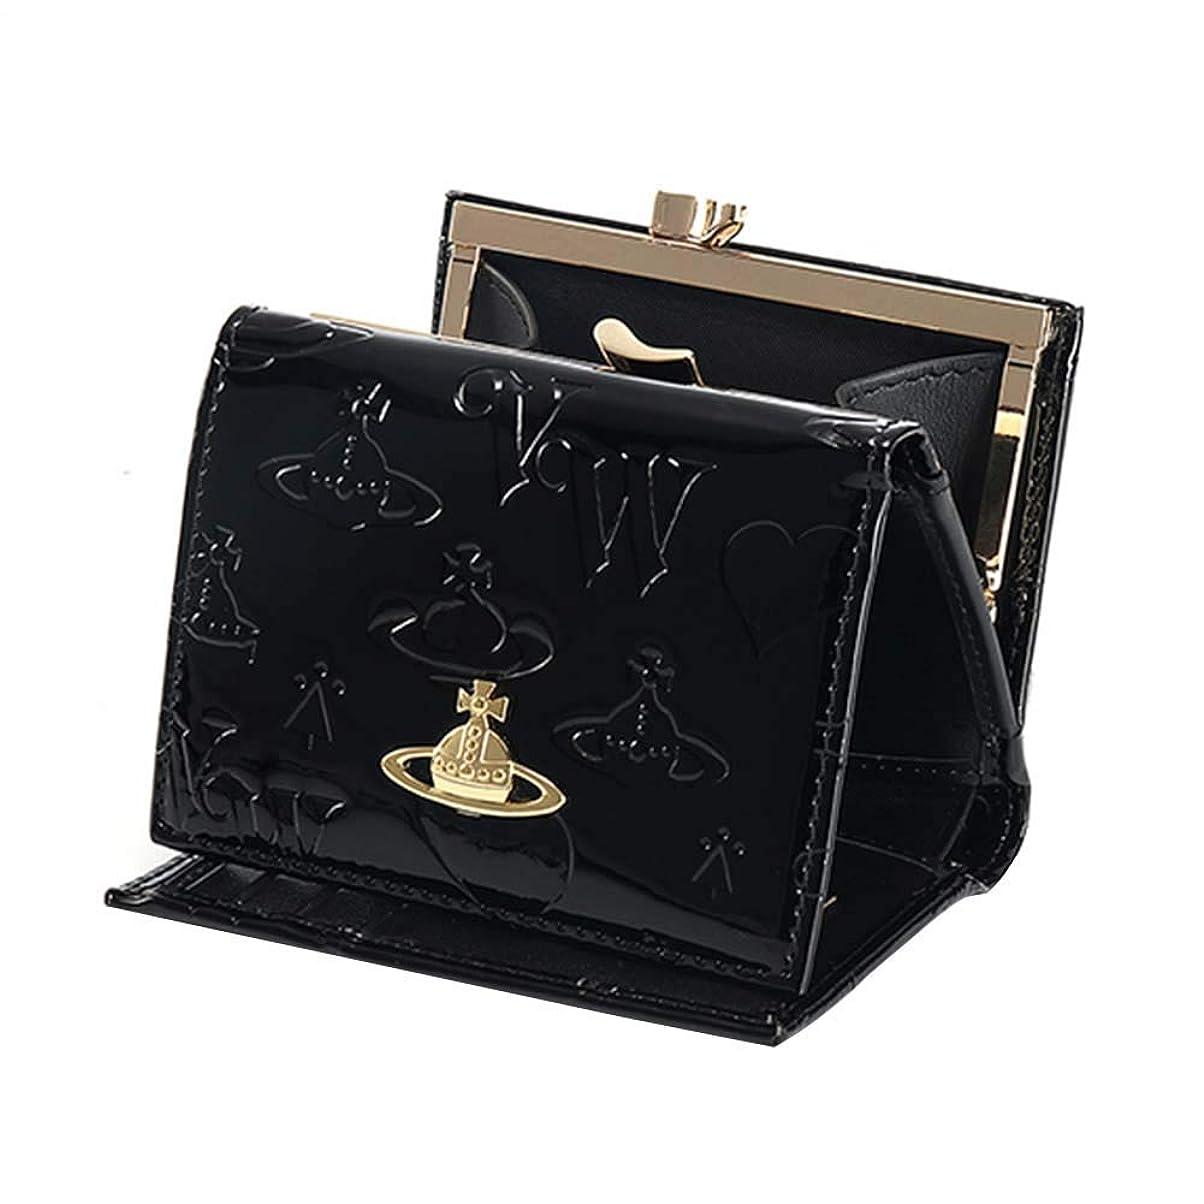 鋼耐える発音Vivienne Westwood ヴィヴィアンウエストウッド 財布 三つ折り財布 mini wallet レディース 女性 スナップ開閉式 小銭入れ 人気 ブラック13110 [並行輸入品]